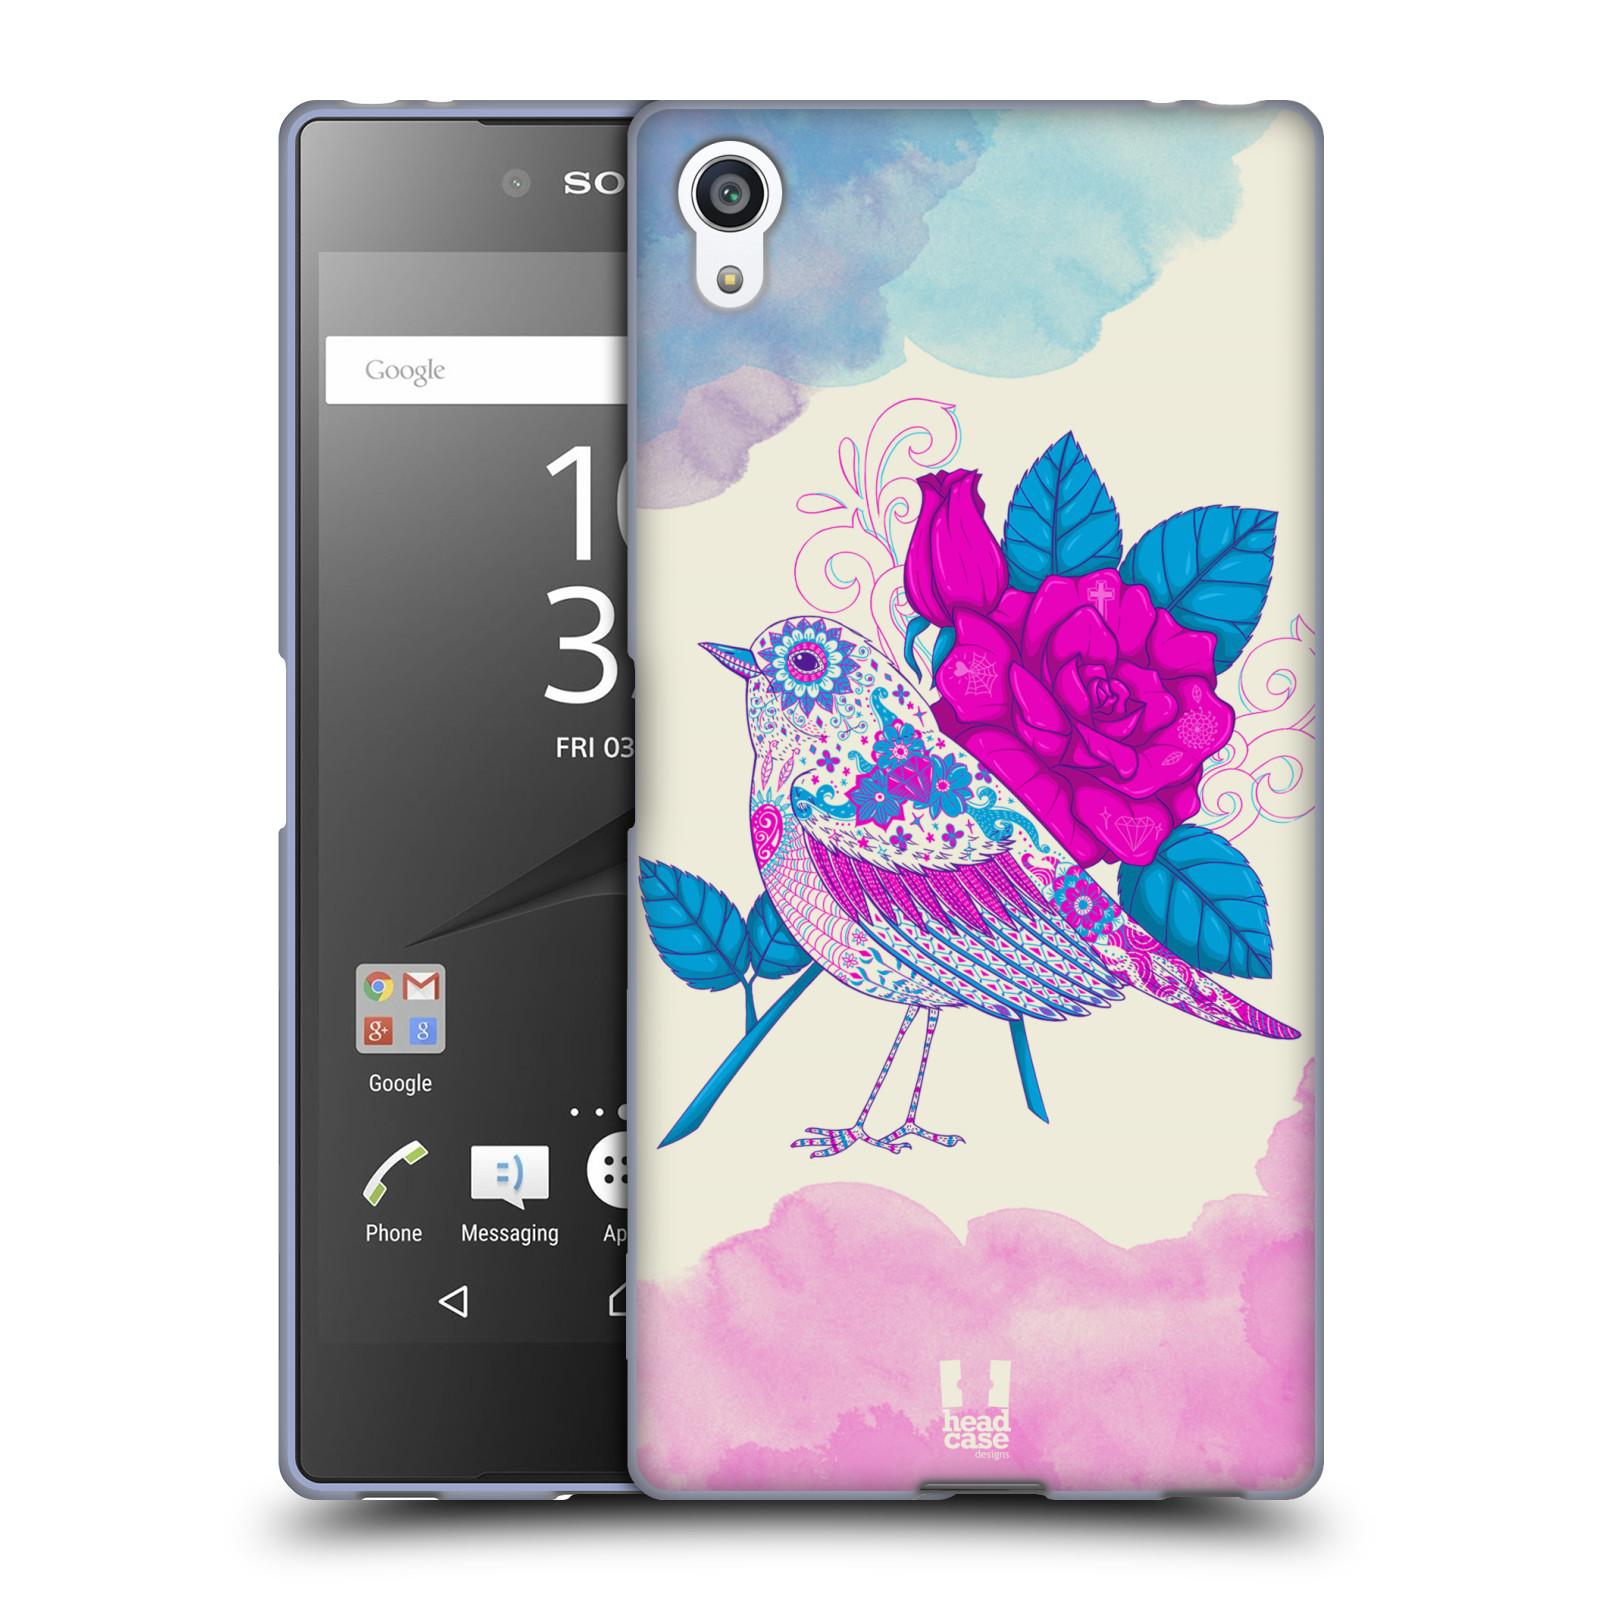 Silikonové pouzdro na mobil Sony Xperia Z5 Premium HEAD CASE PTÁČEK FUCHSIA